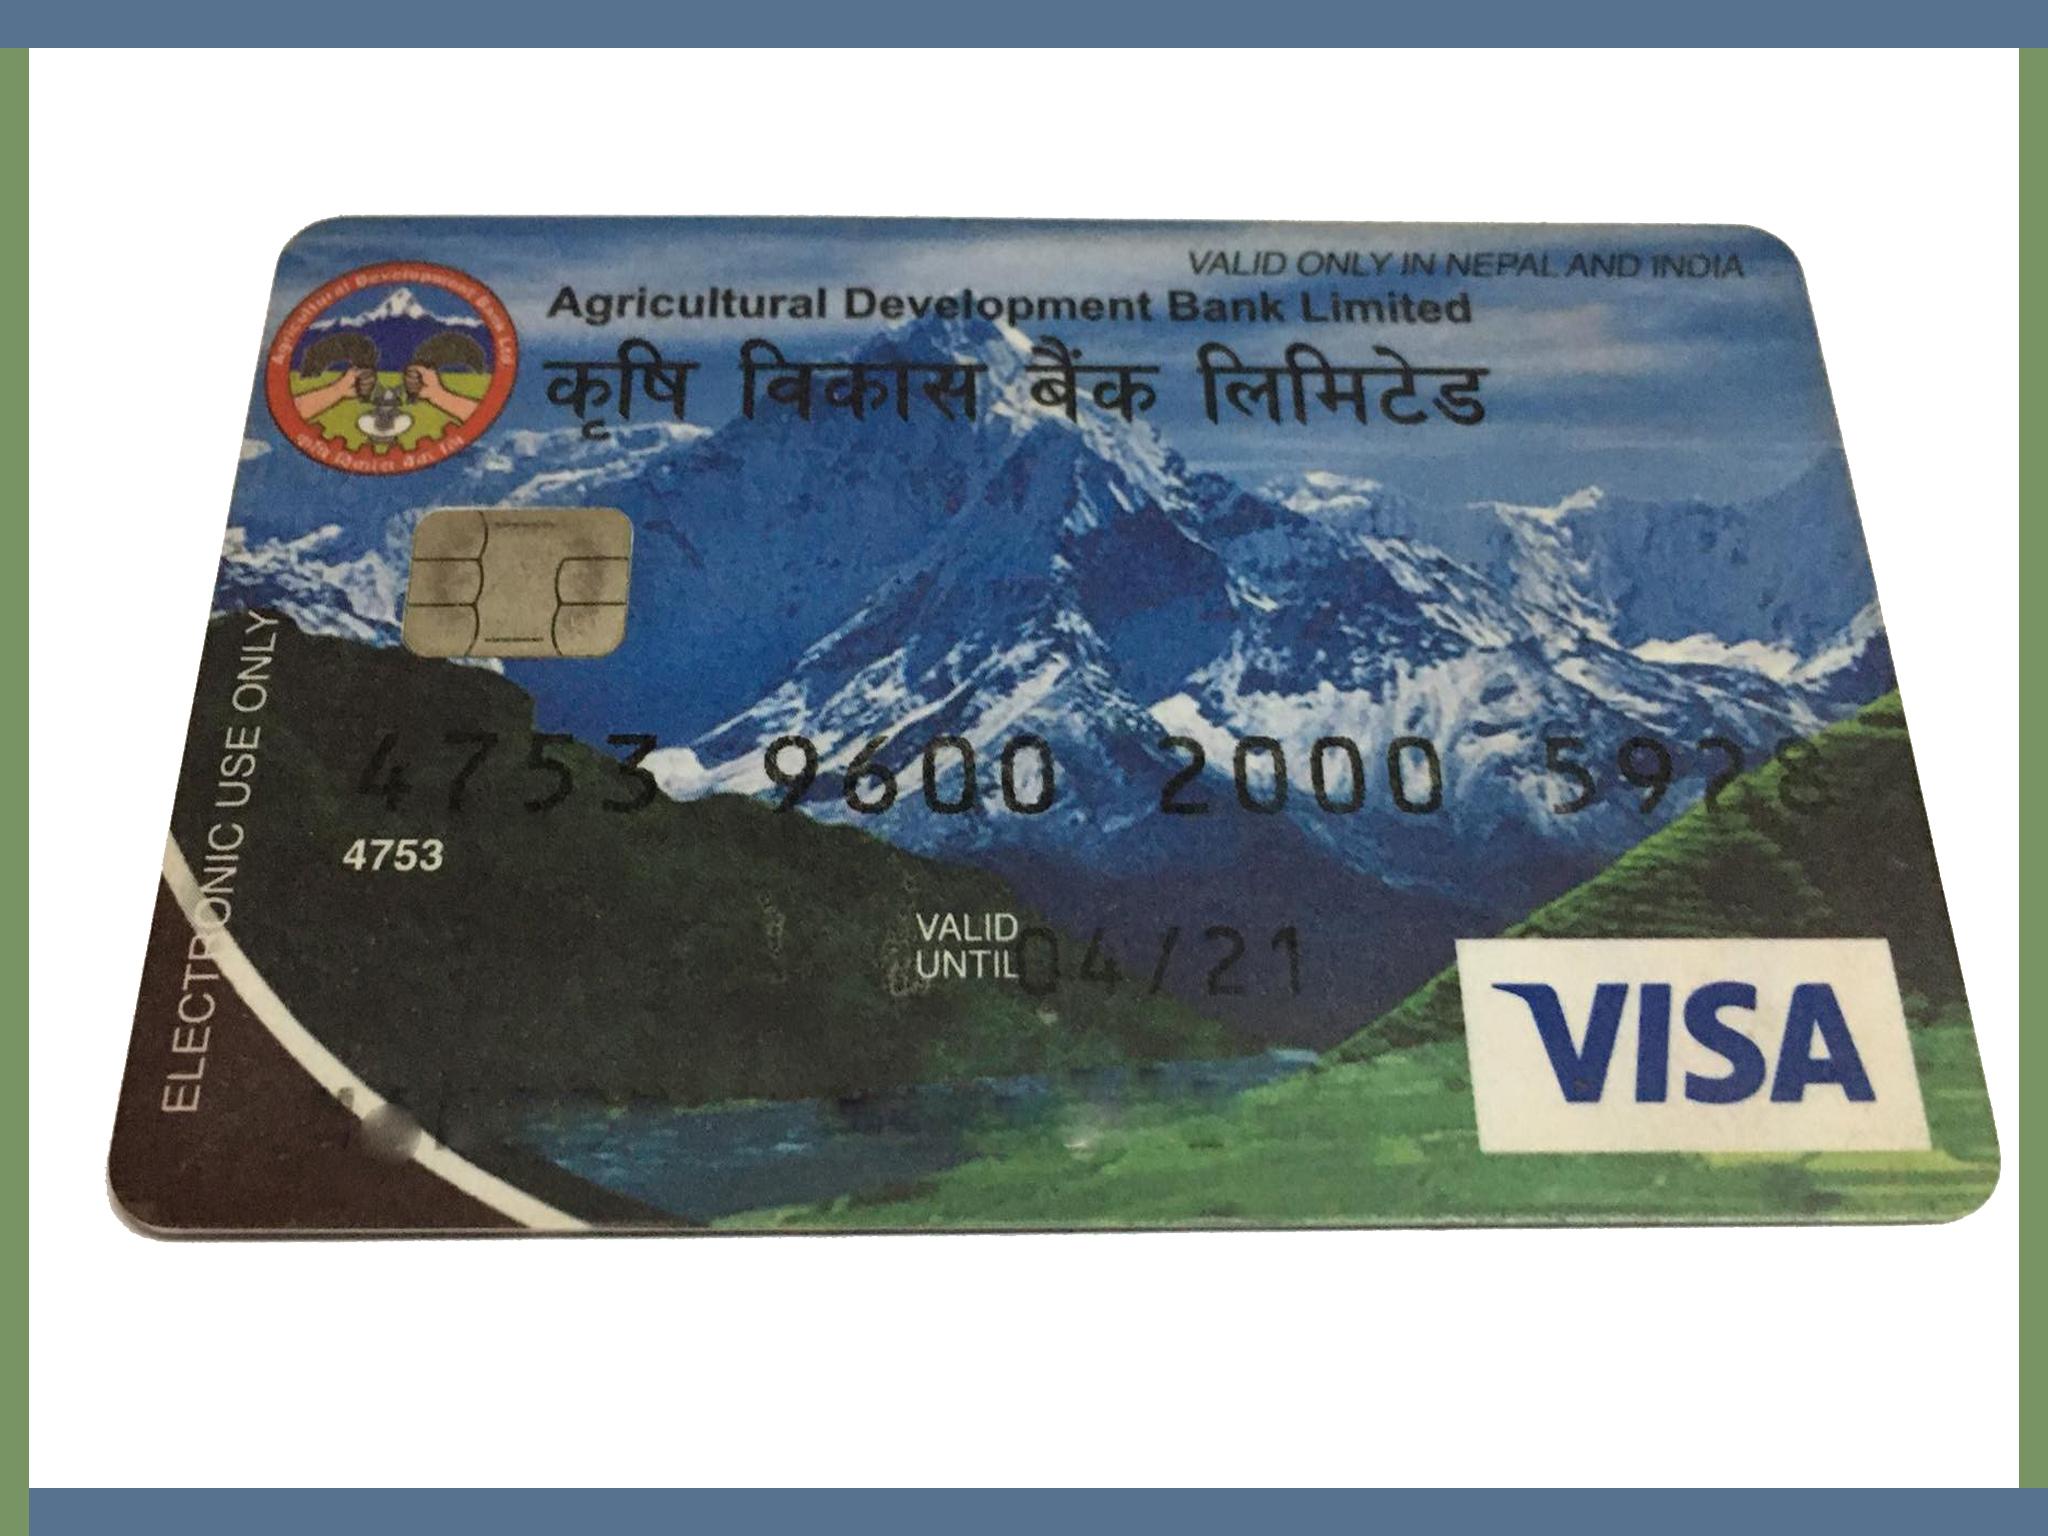 कृषि विकास बैंकले जारी गर्यो नयाँ क्रेडिट कार्डः नेपाल र भारतमा प्रयोग गर्न सकिने